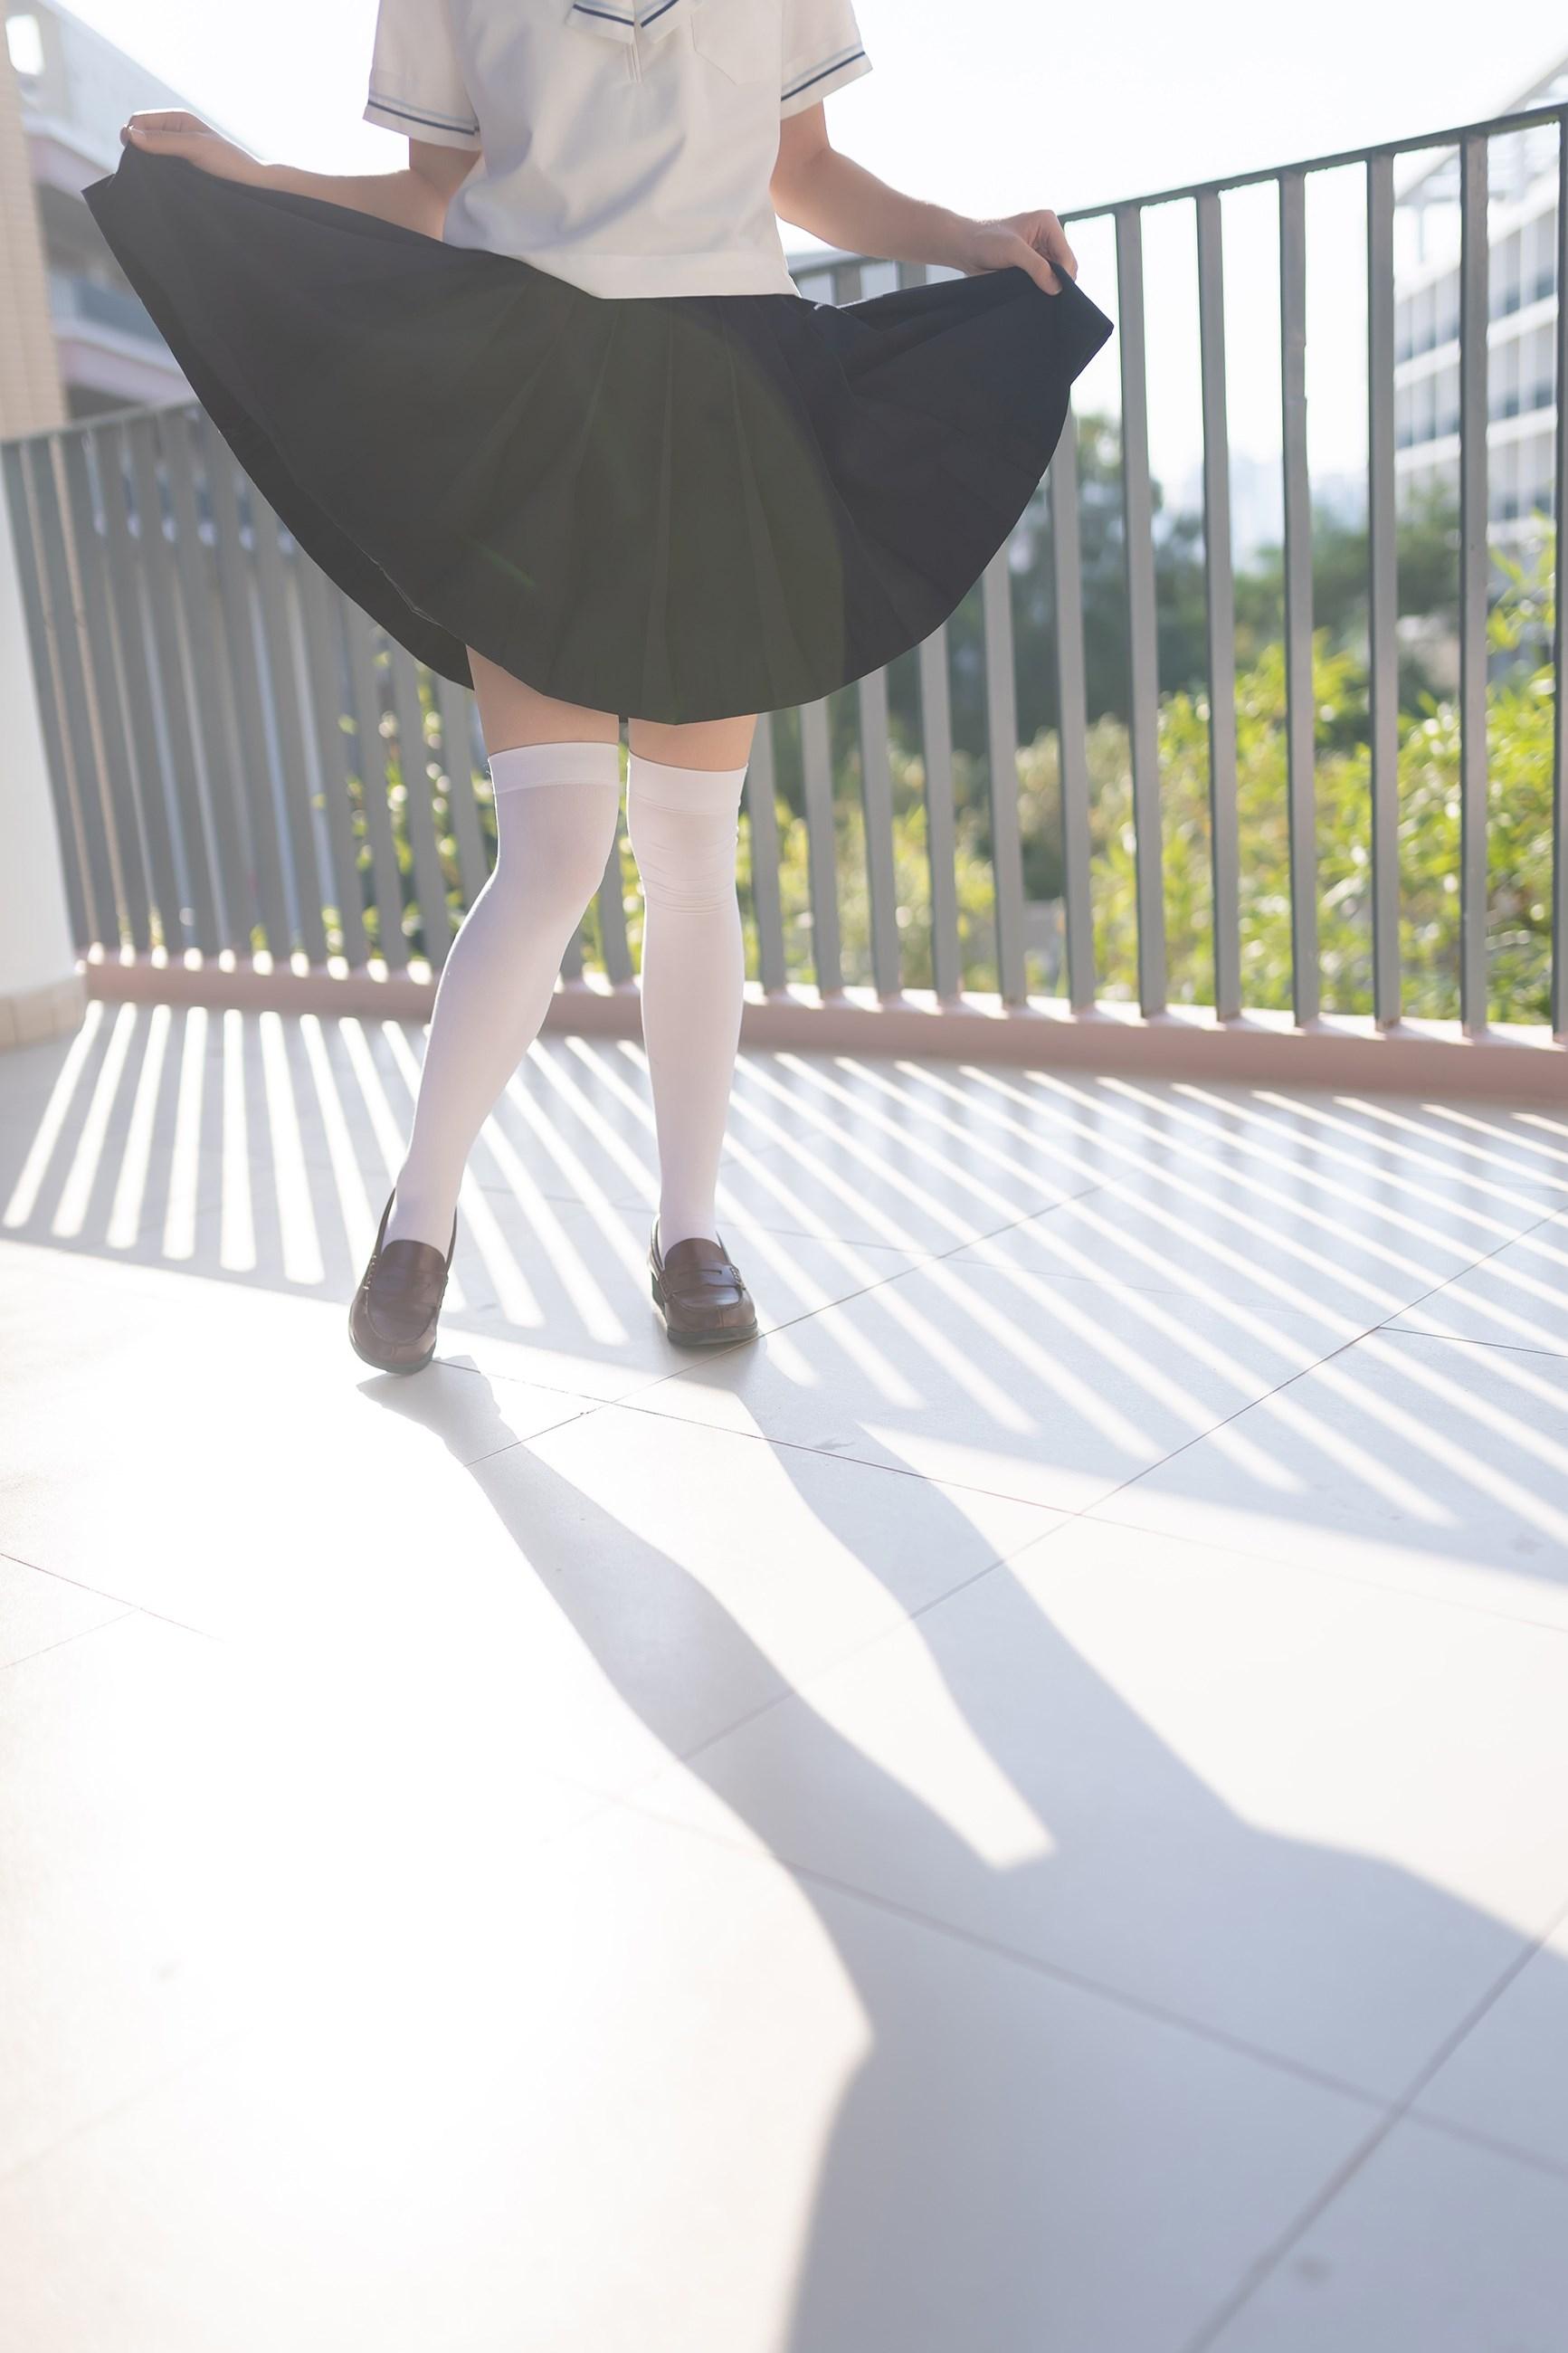 【兔玩映画】楼梯上的白丝少女 兔玩映画 第22张